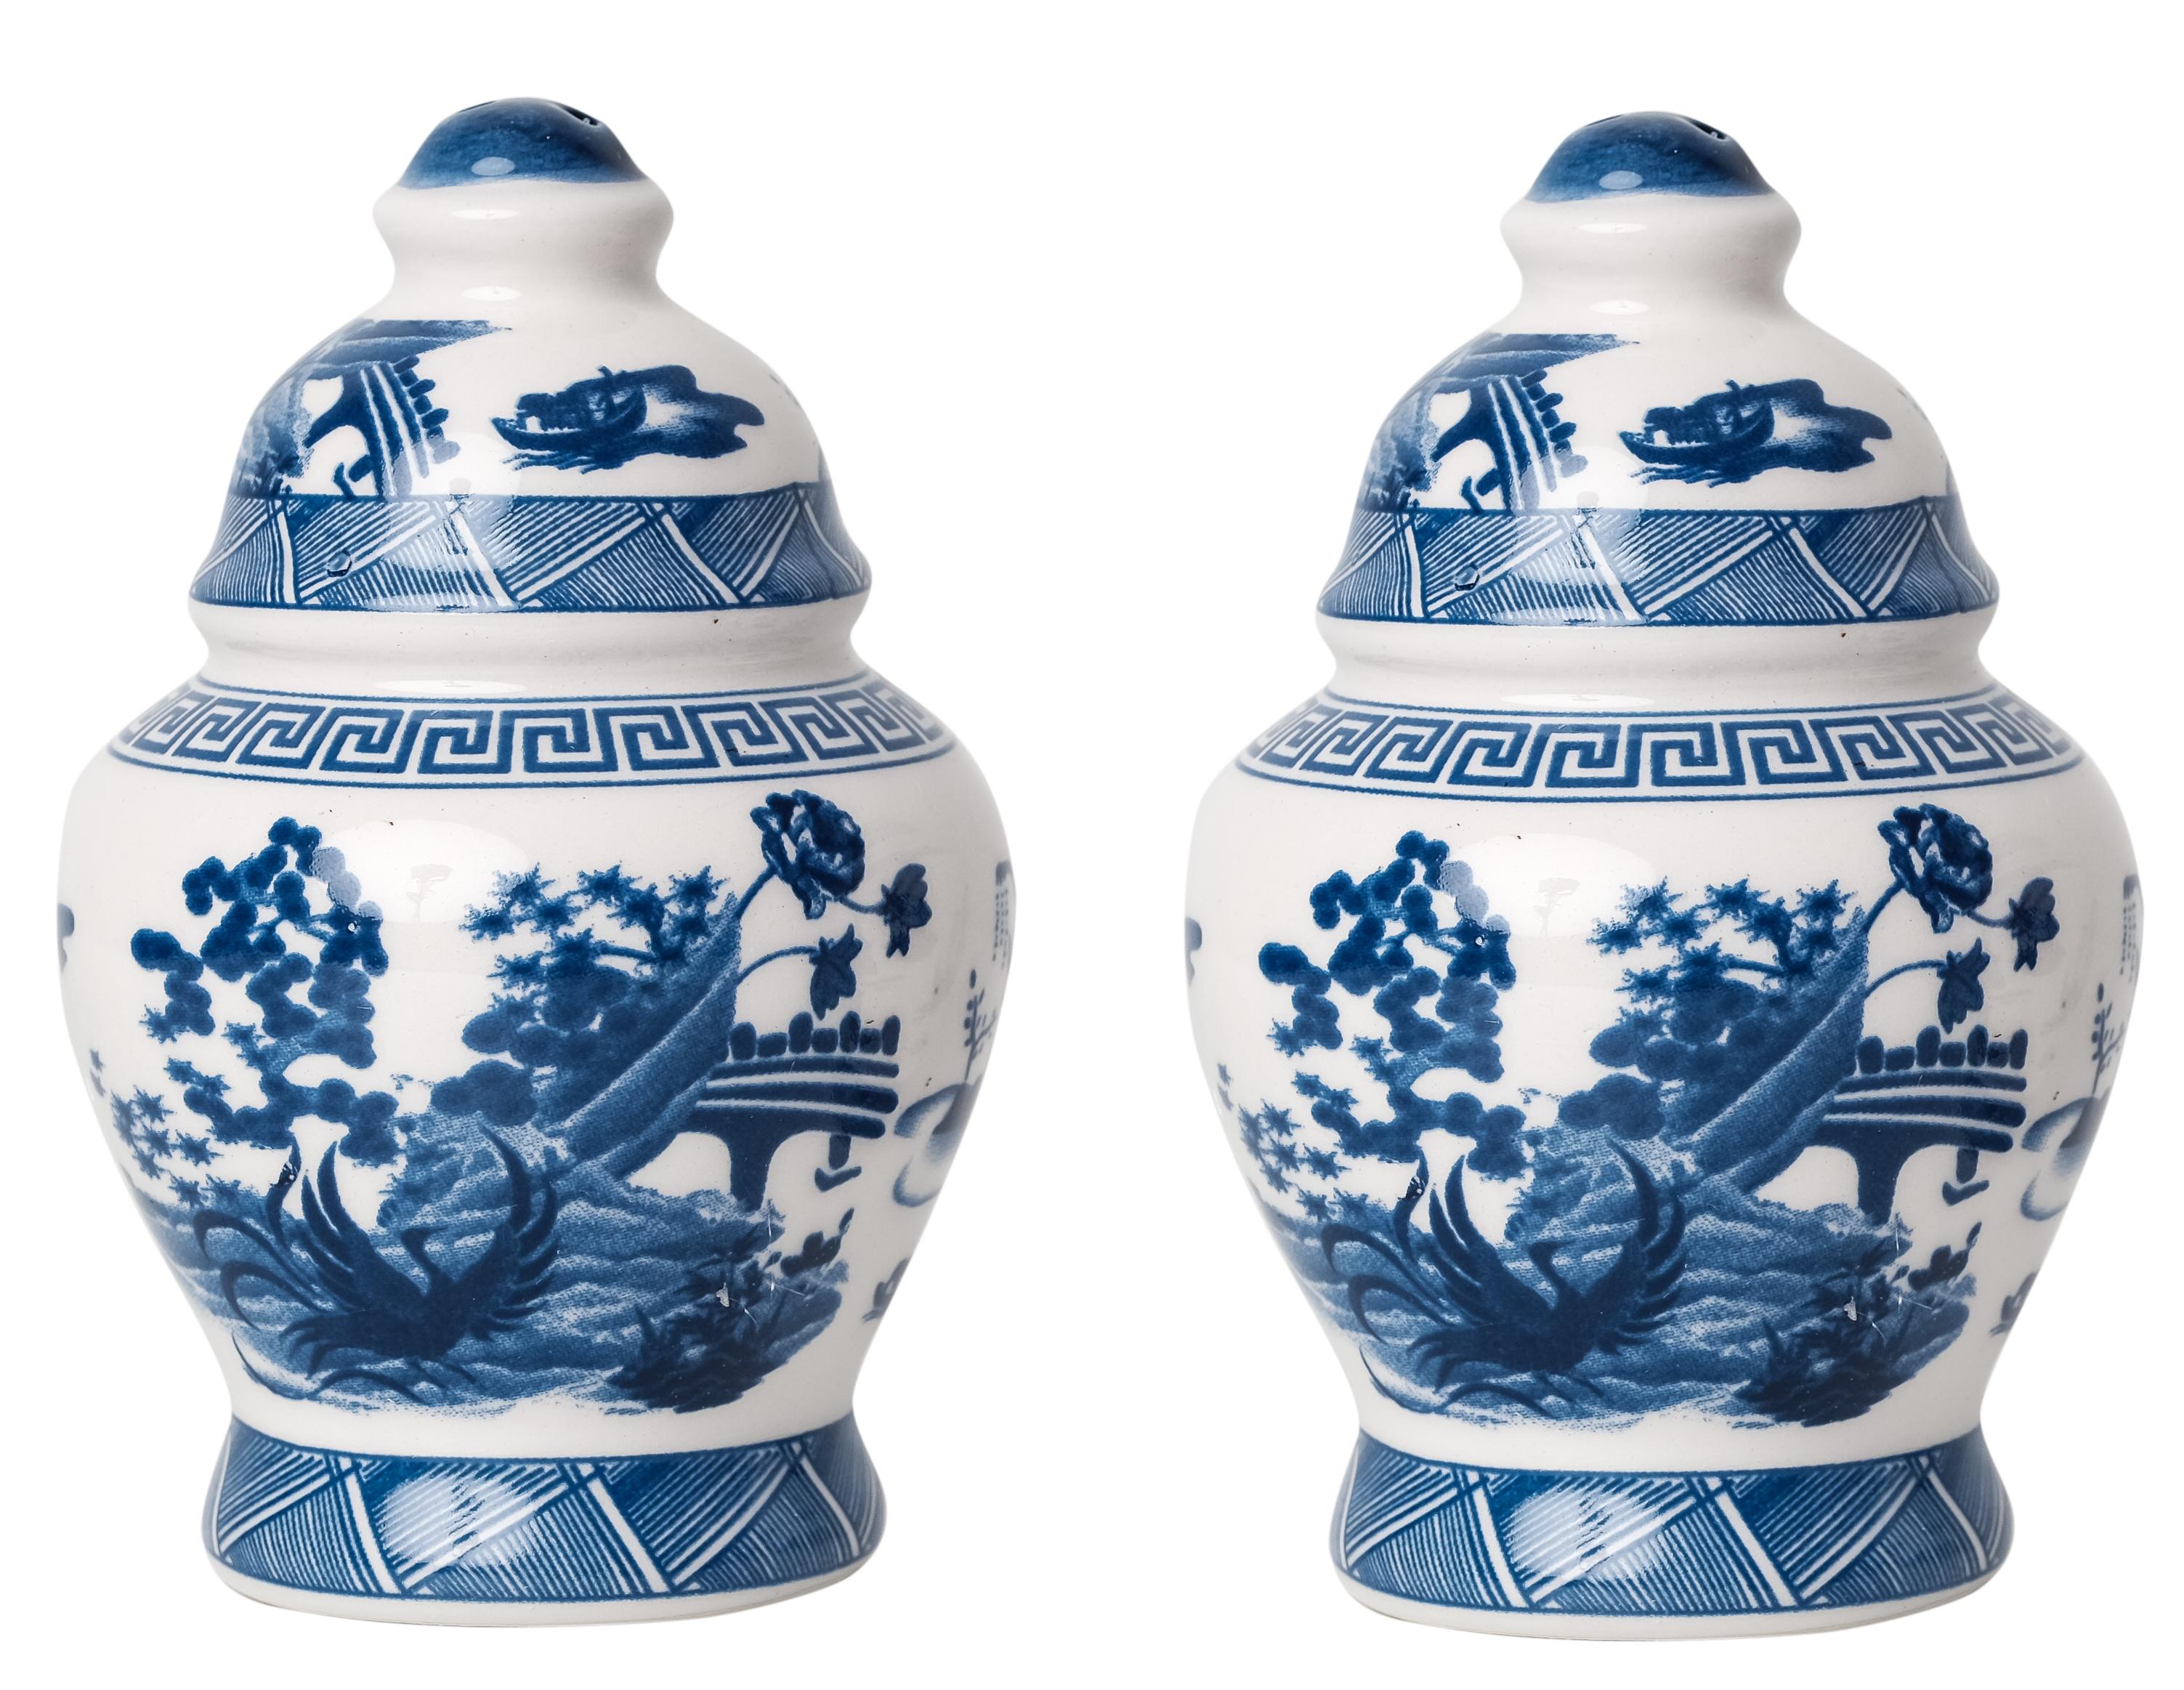 Porcelain Village Scene Salt and Pepper Shaker